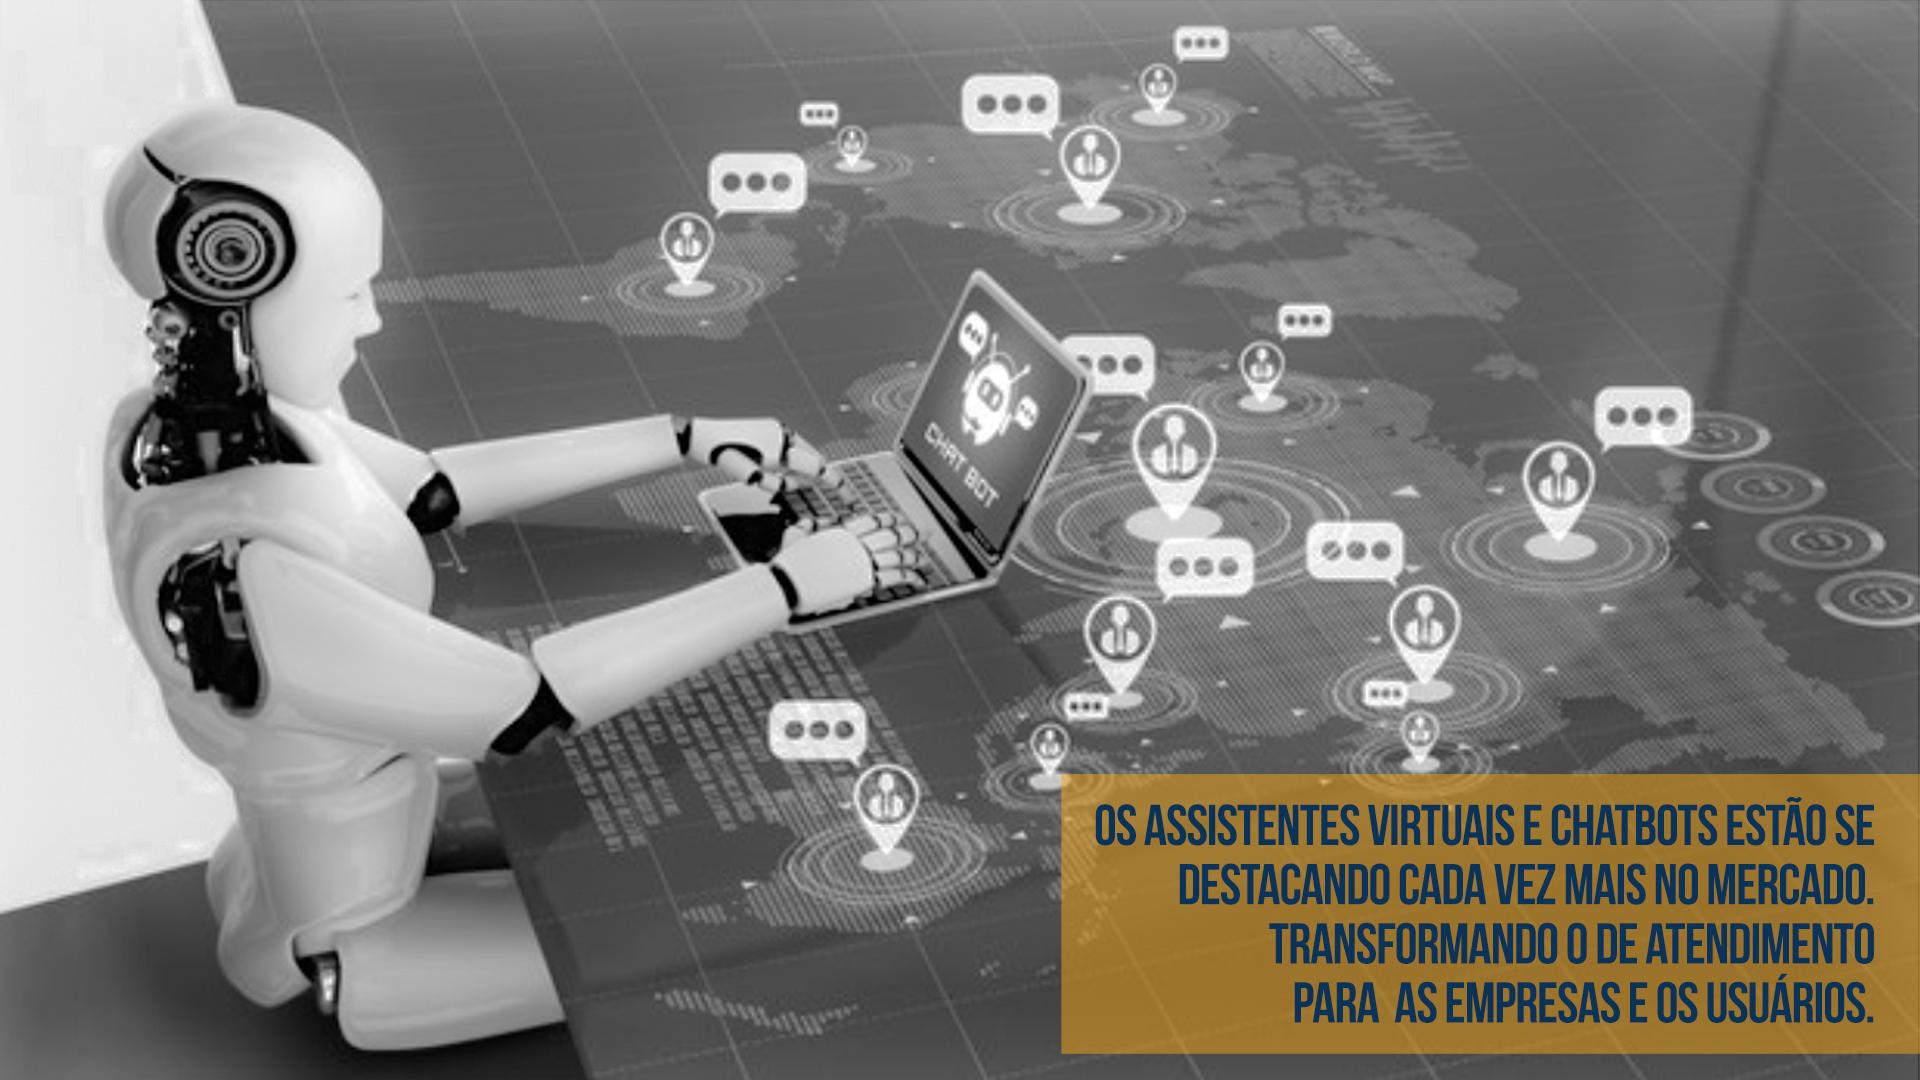 Os assistentes virtuais e chatbots estão se destacando cada vez mais no mercado.